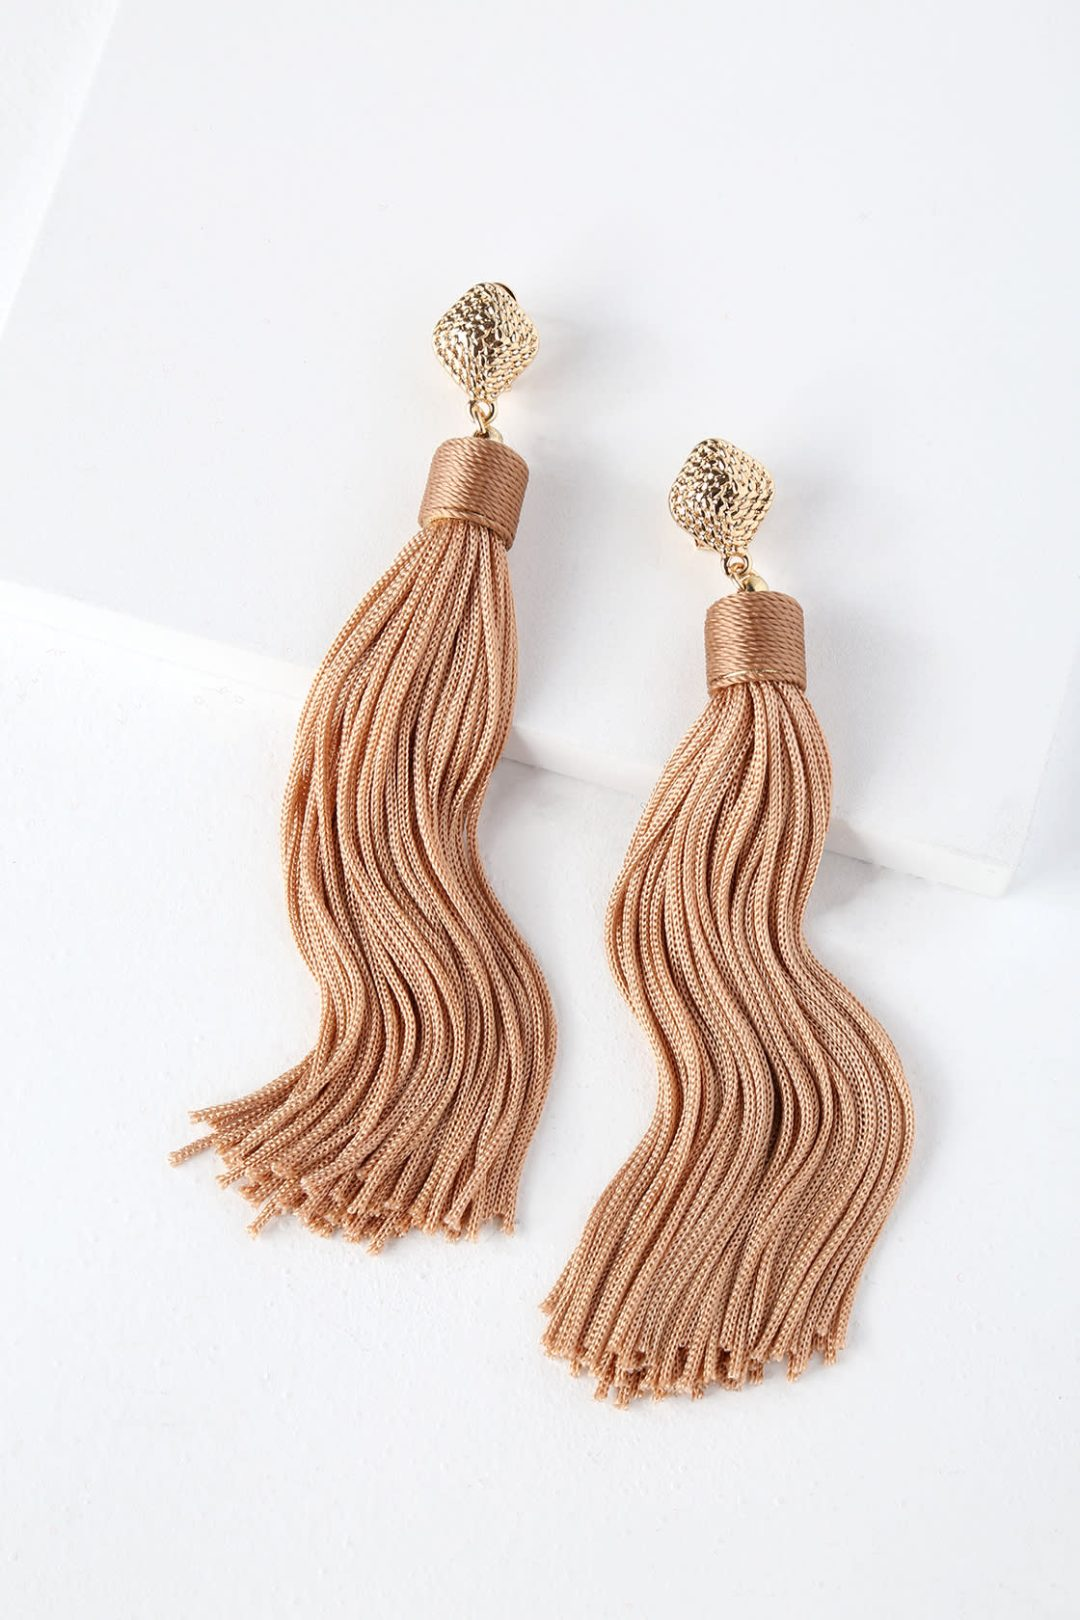 Gold beige tassel statement earrings